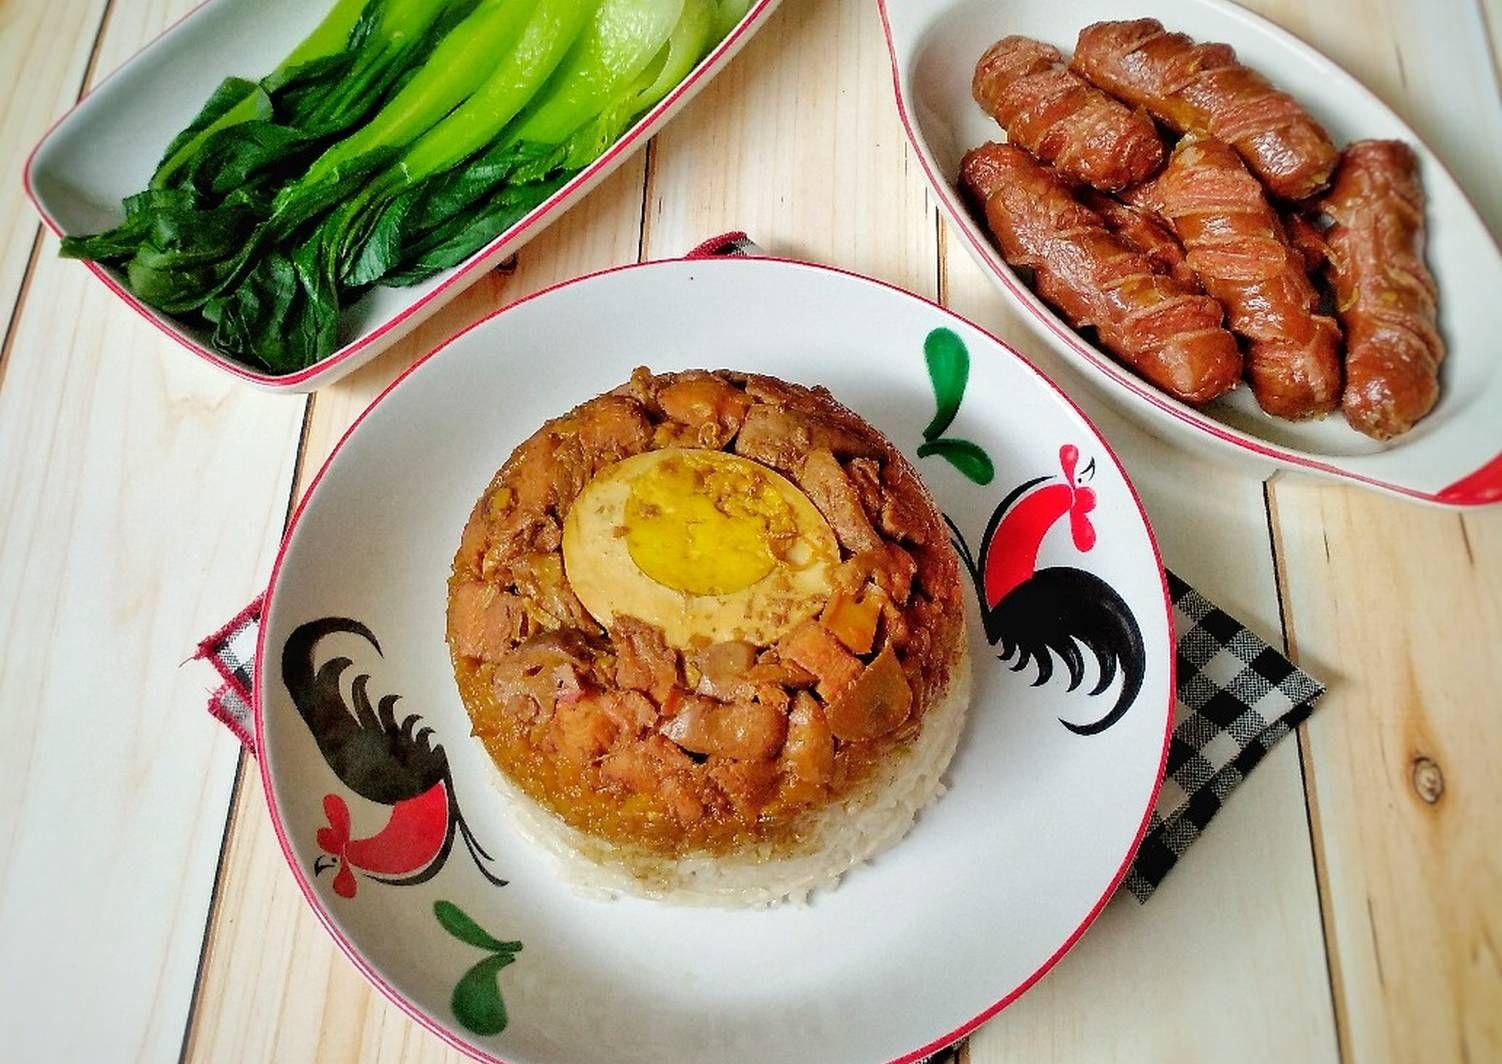 Resep Nasi Tim Ayam Jamur Oleh Susan Mellyani Resep Memasak Makanan Dan Minuman Makanan Jalanan